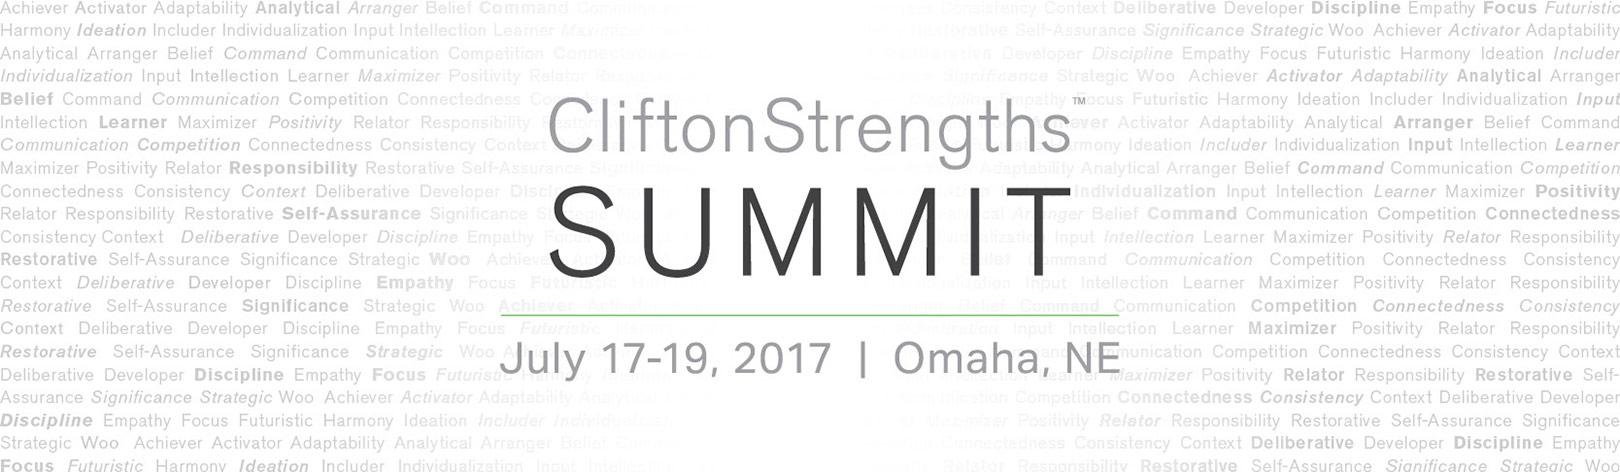 CliftonStrengths Summit July 17-19 2017 Omaha Nebraska